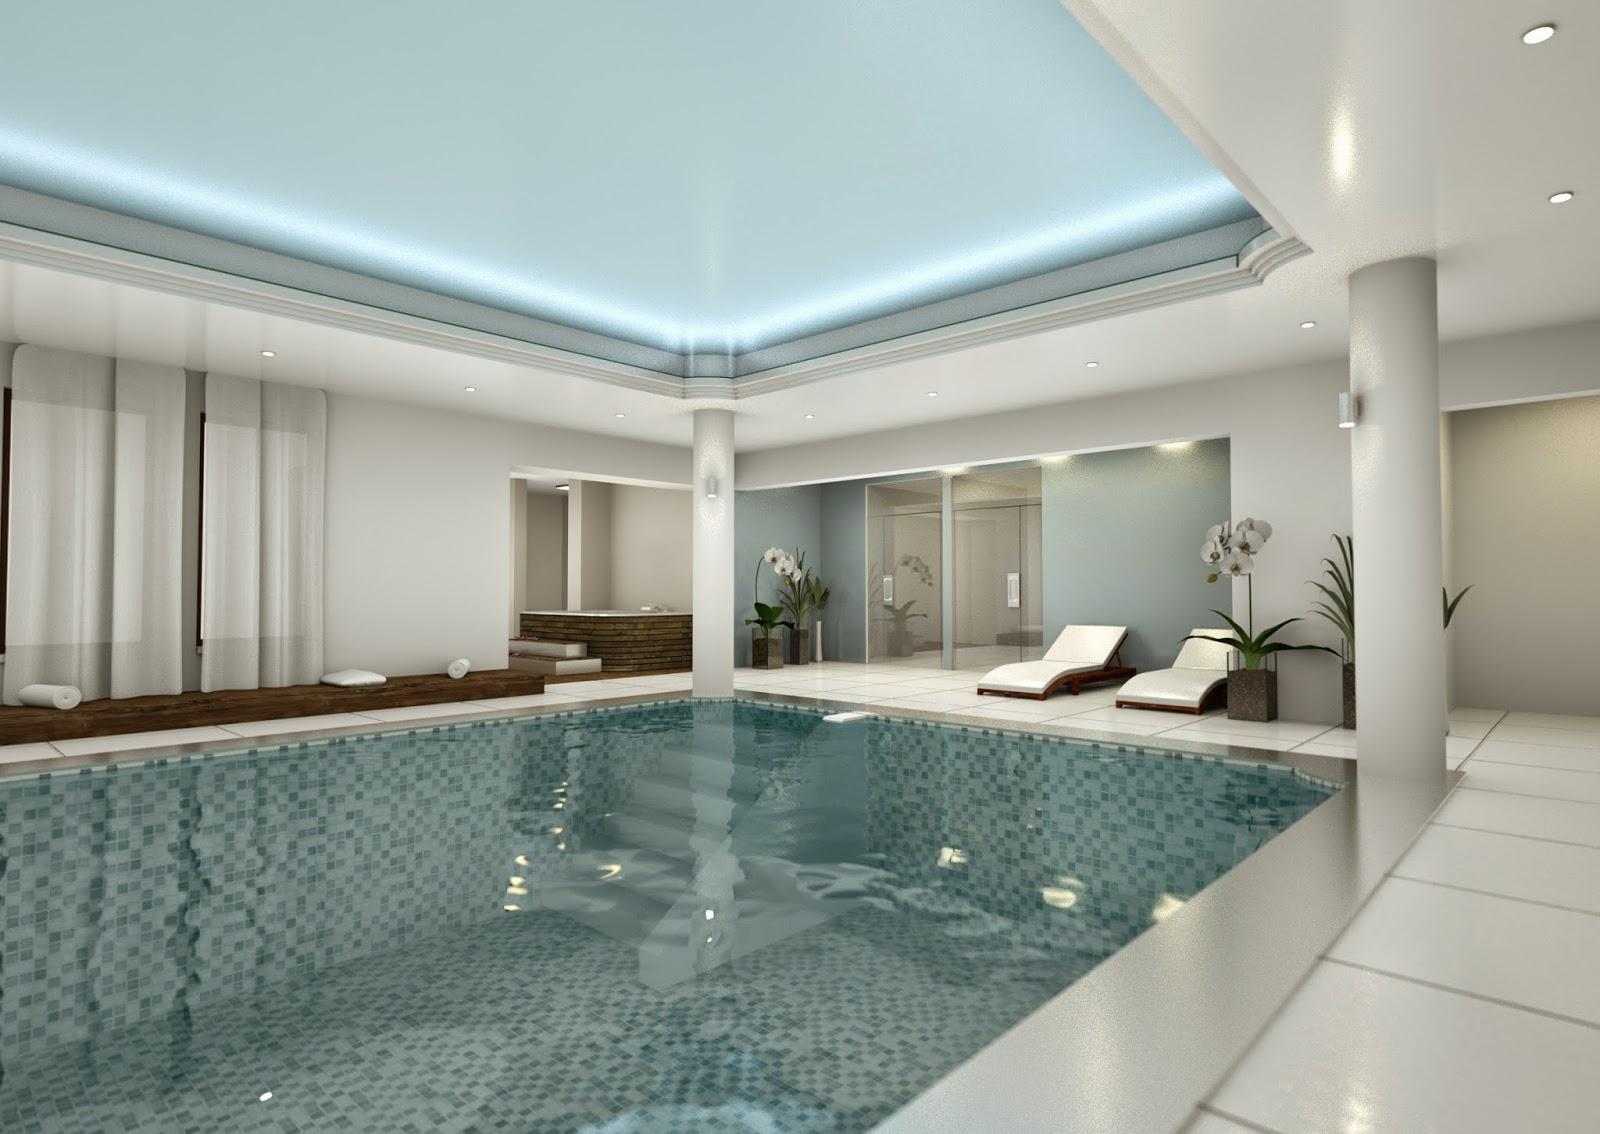 basen w hotelu New Skanpol - wizualizacja numer 3